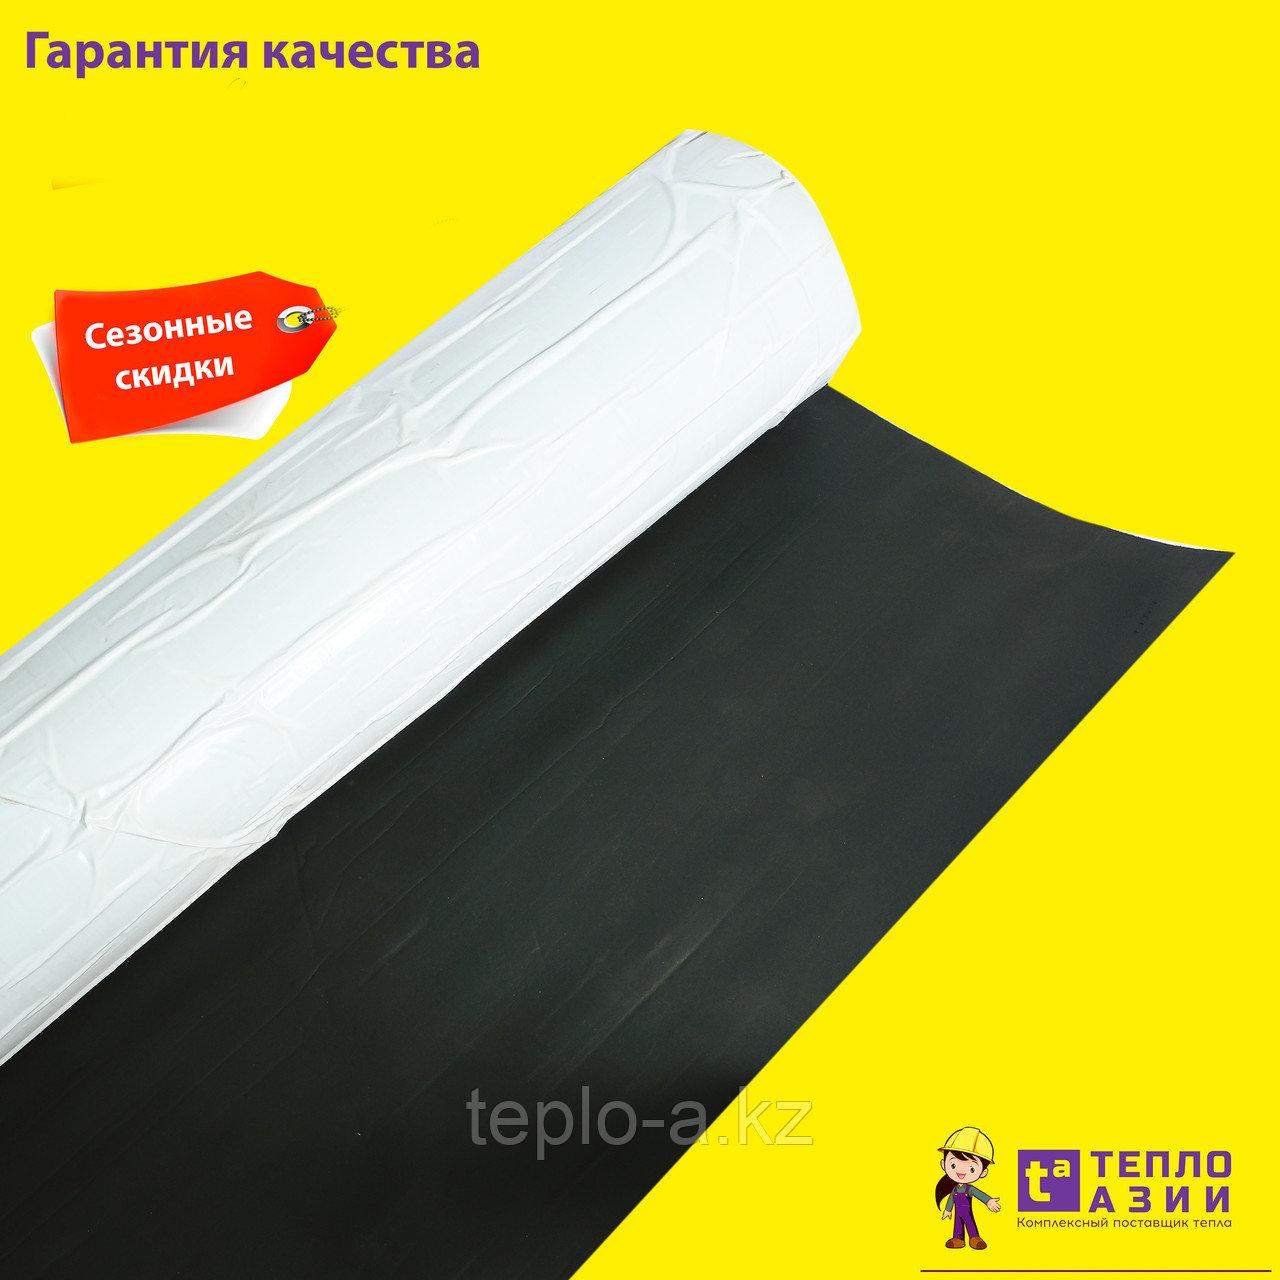 Рулонная изоляция , каучуковая , самоклеющаяся 13 мм